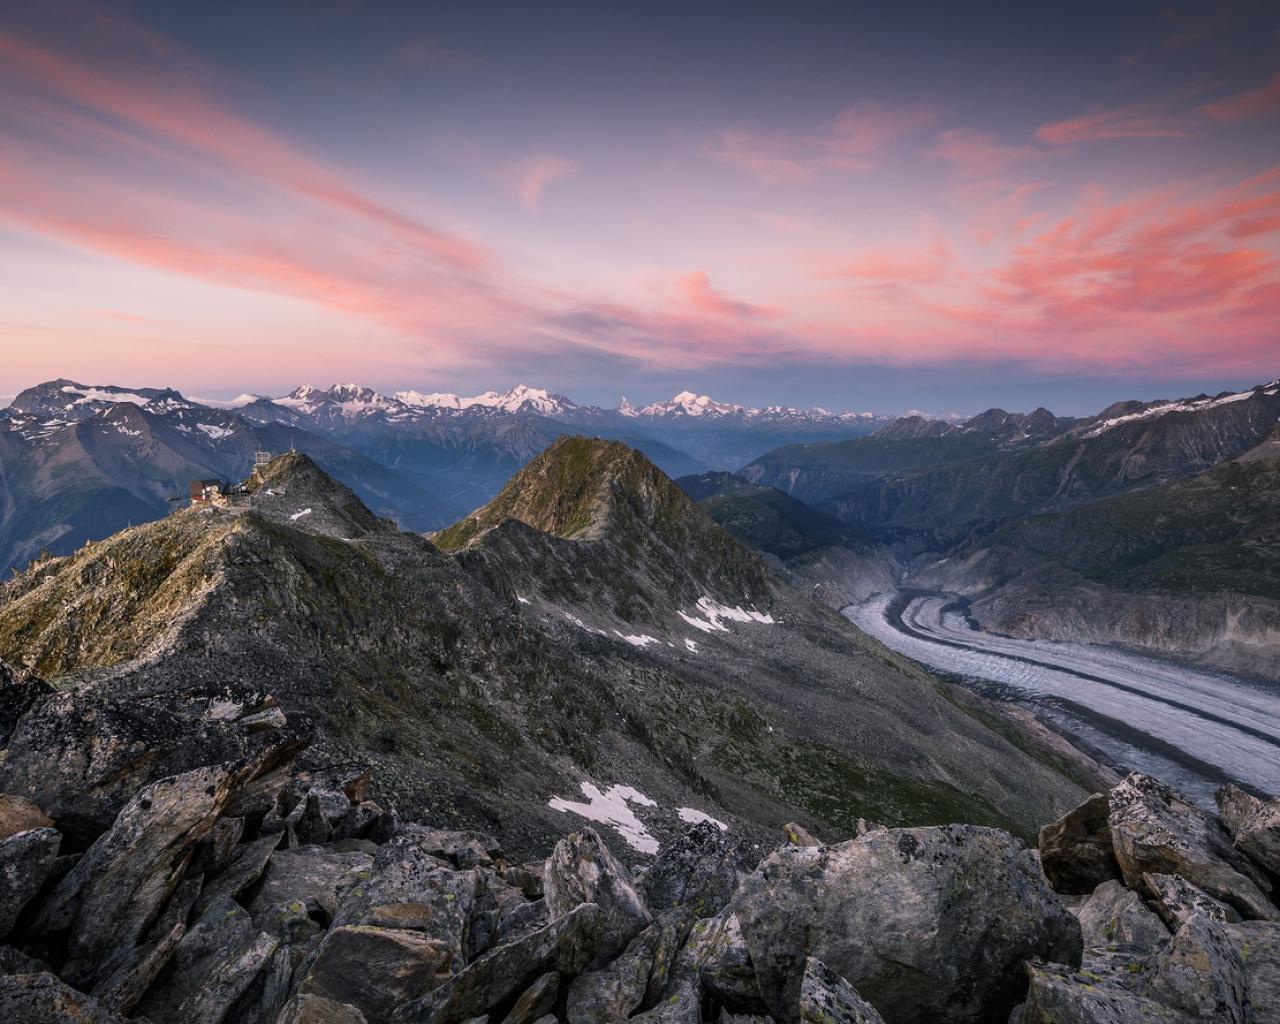 Montañas en los Alpes - 1280x1024